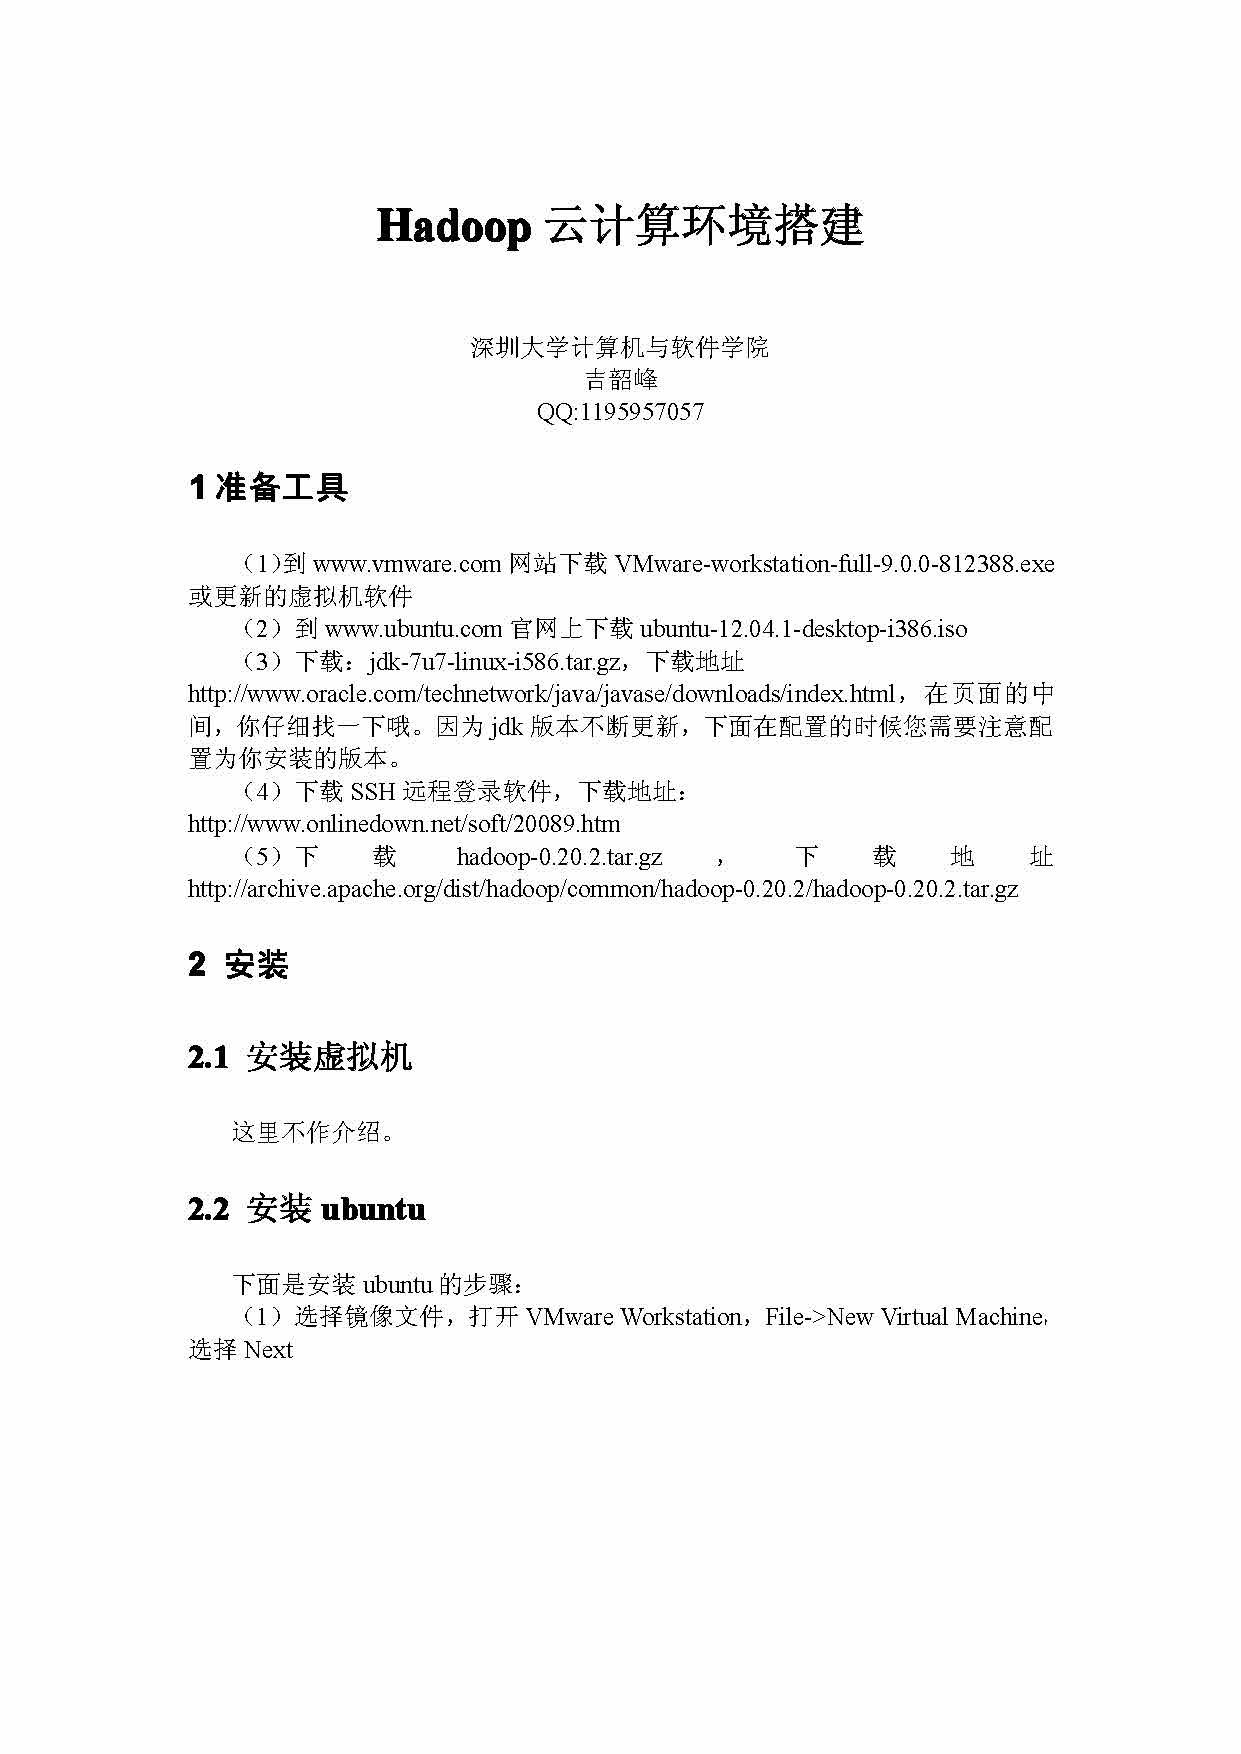 吉韶峰-Hadoop云计算环境搭建